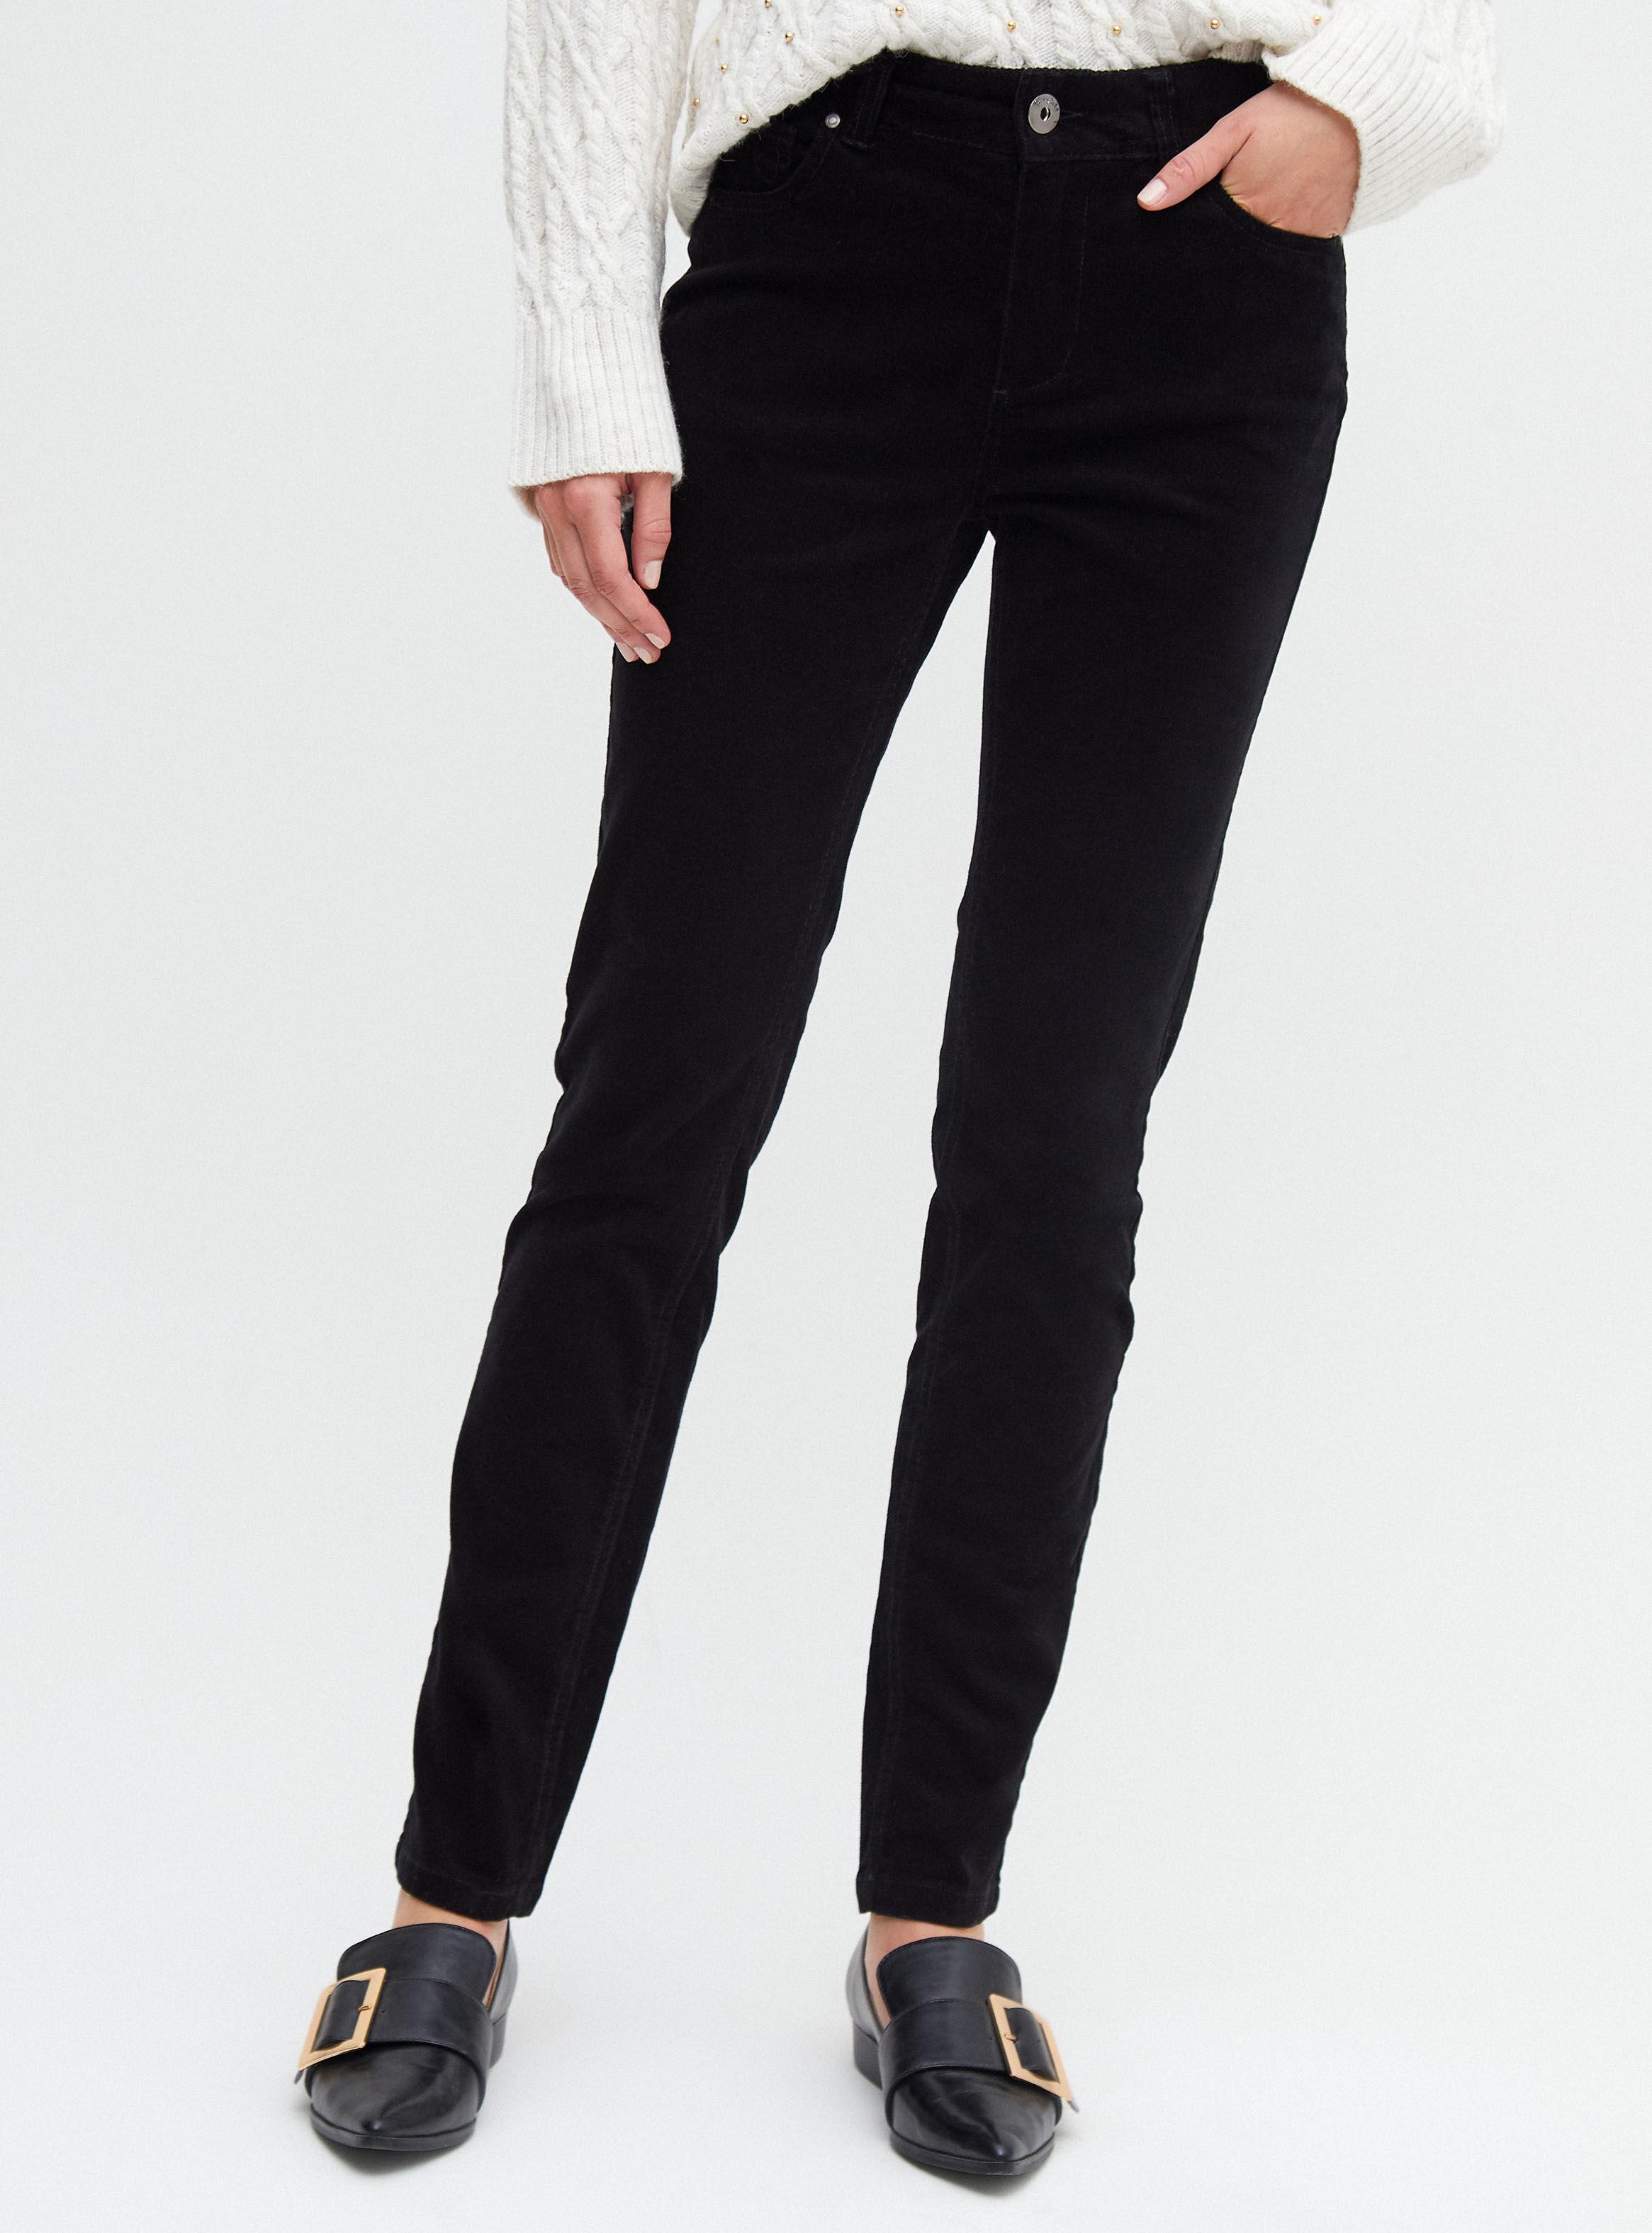 Uniformes Uniforme Escolar Ninas Pantalones Elastico Pantalones De Pierna Recta Negro Gris Azul Marino Ropa Calzado Y Complementos Aniversario Cozumel Gob Mx